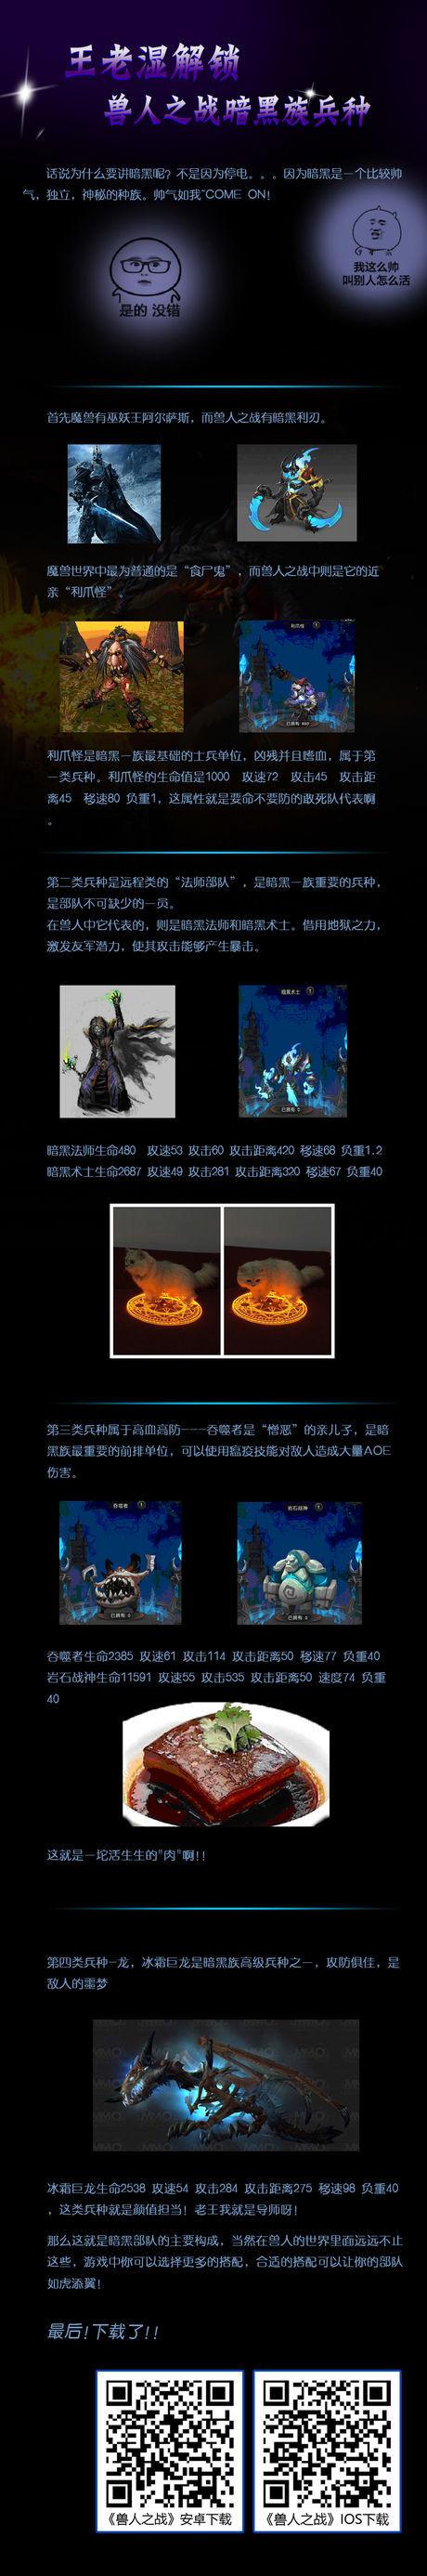 QQ图片20161025165704